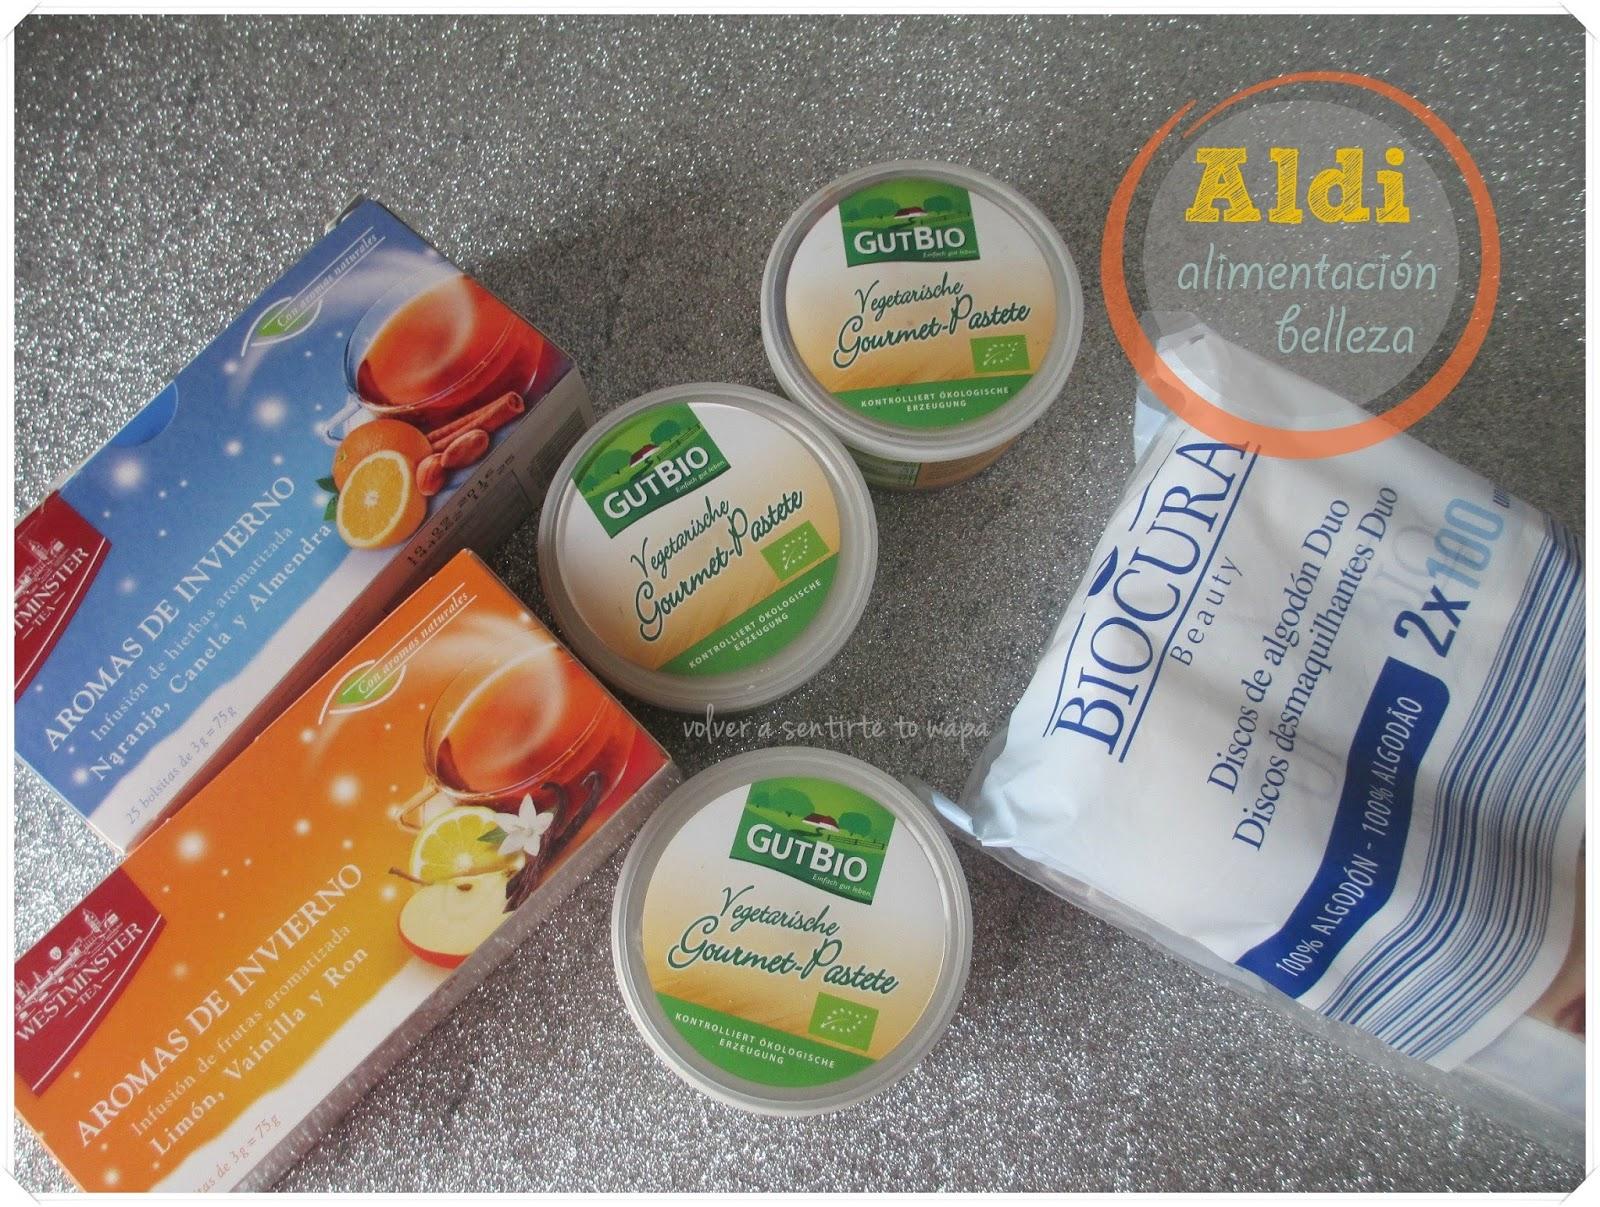 ALDI - Compras Alimentación y Belleza